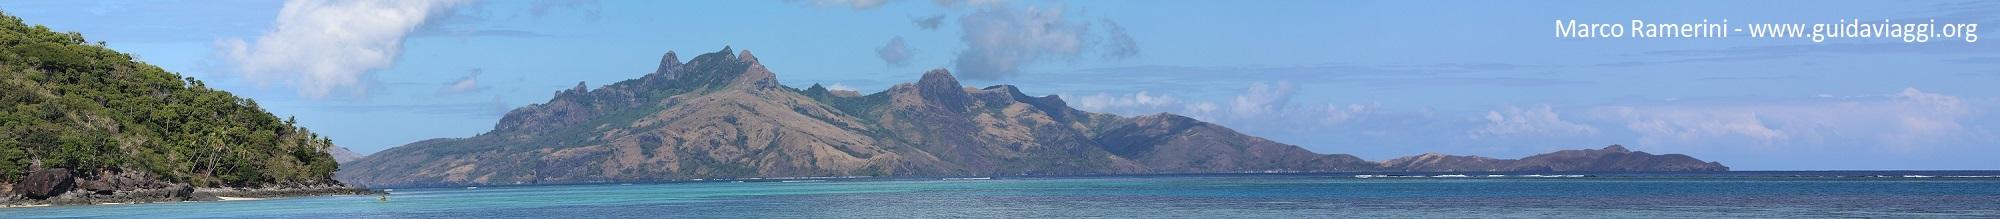 Le montagne dell'isola di Waya, Isole Yasawa, Figi. Autore e Copyright Marco Ramerini